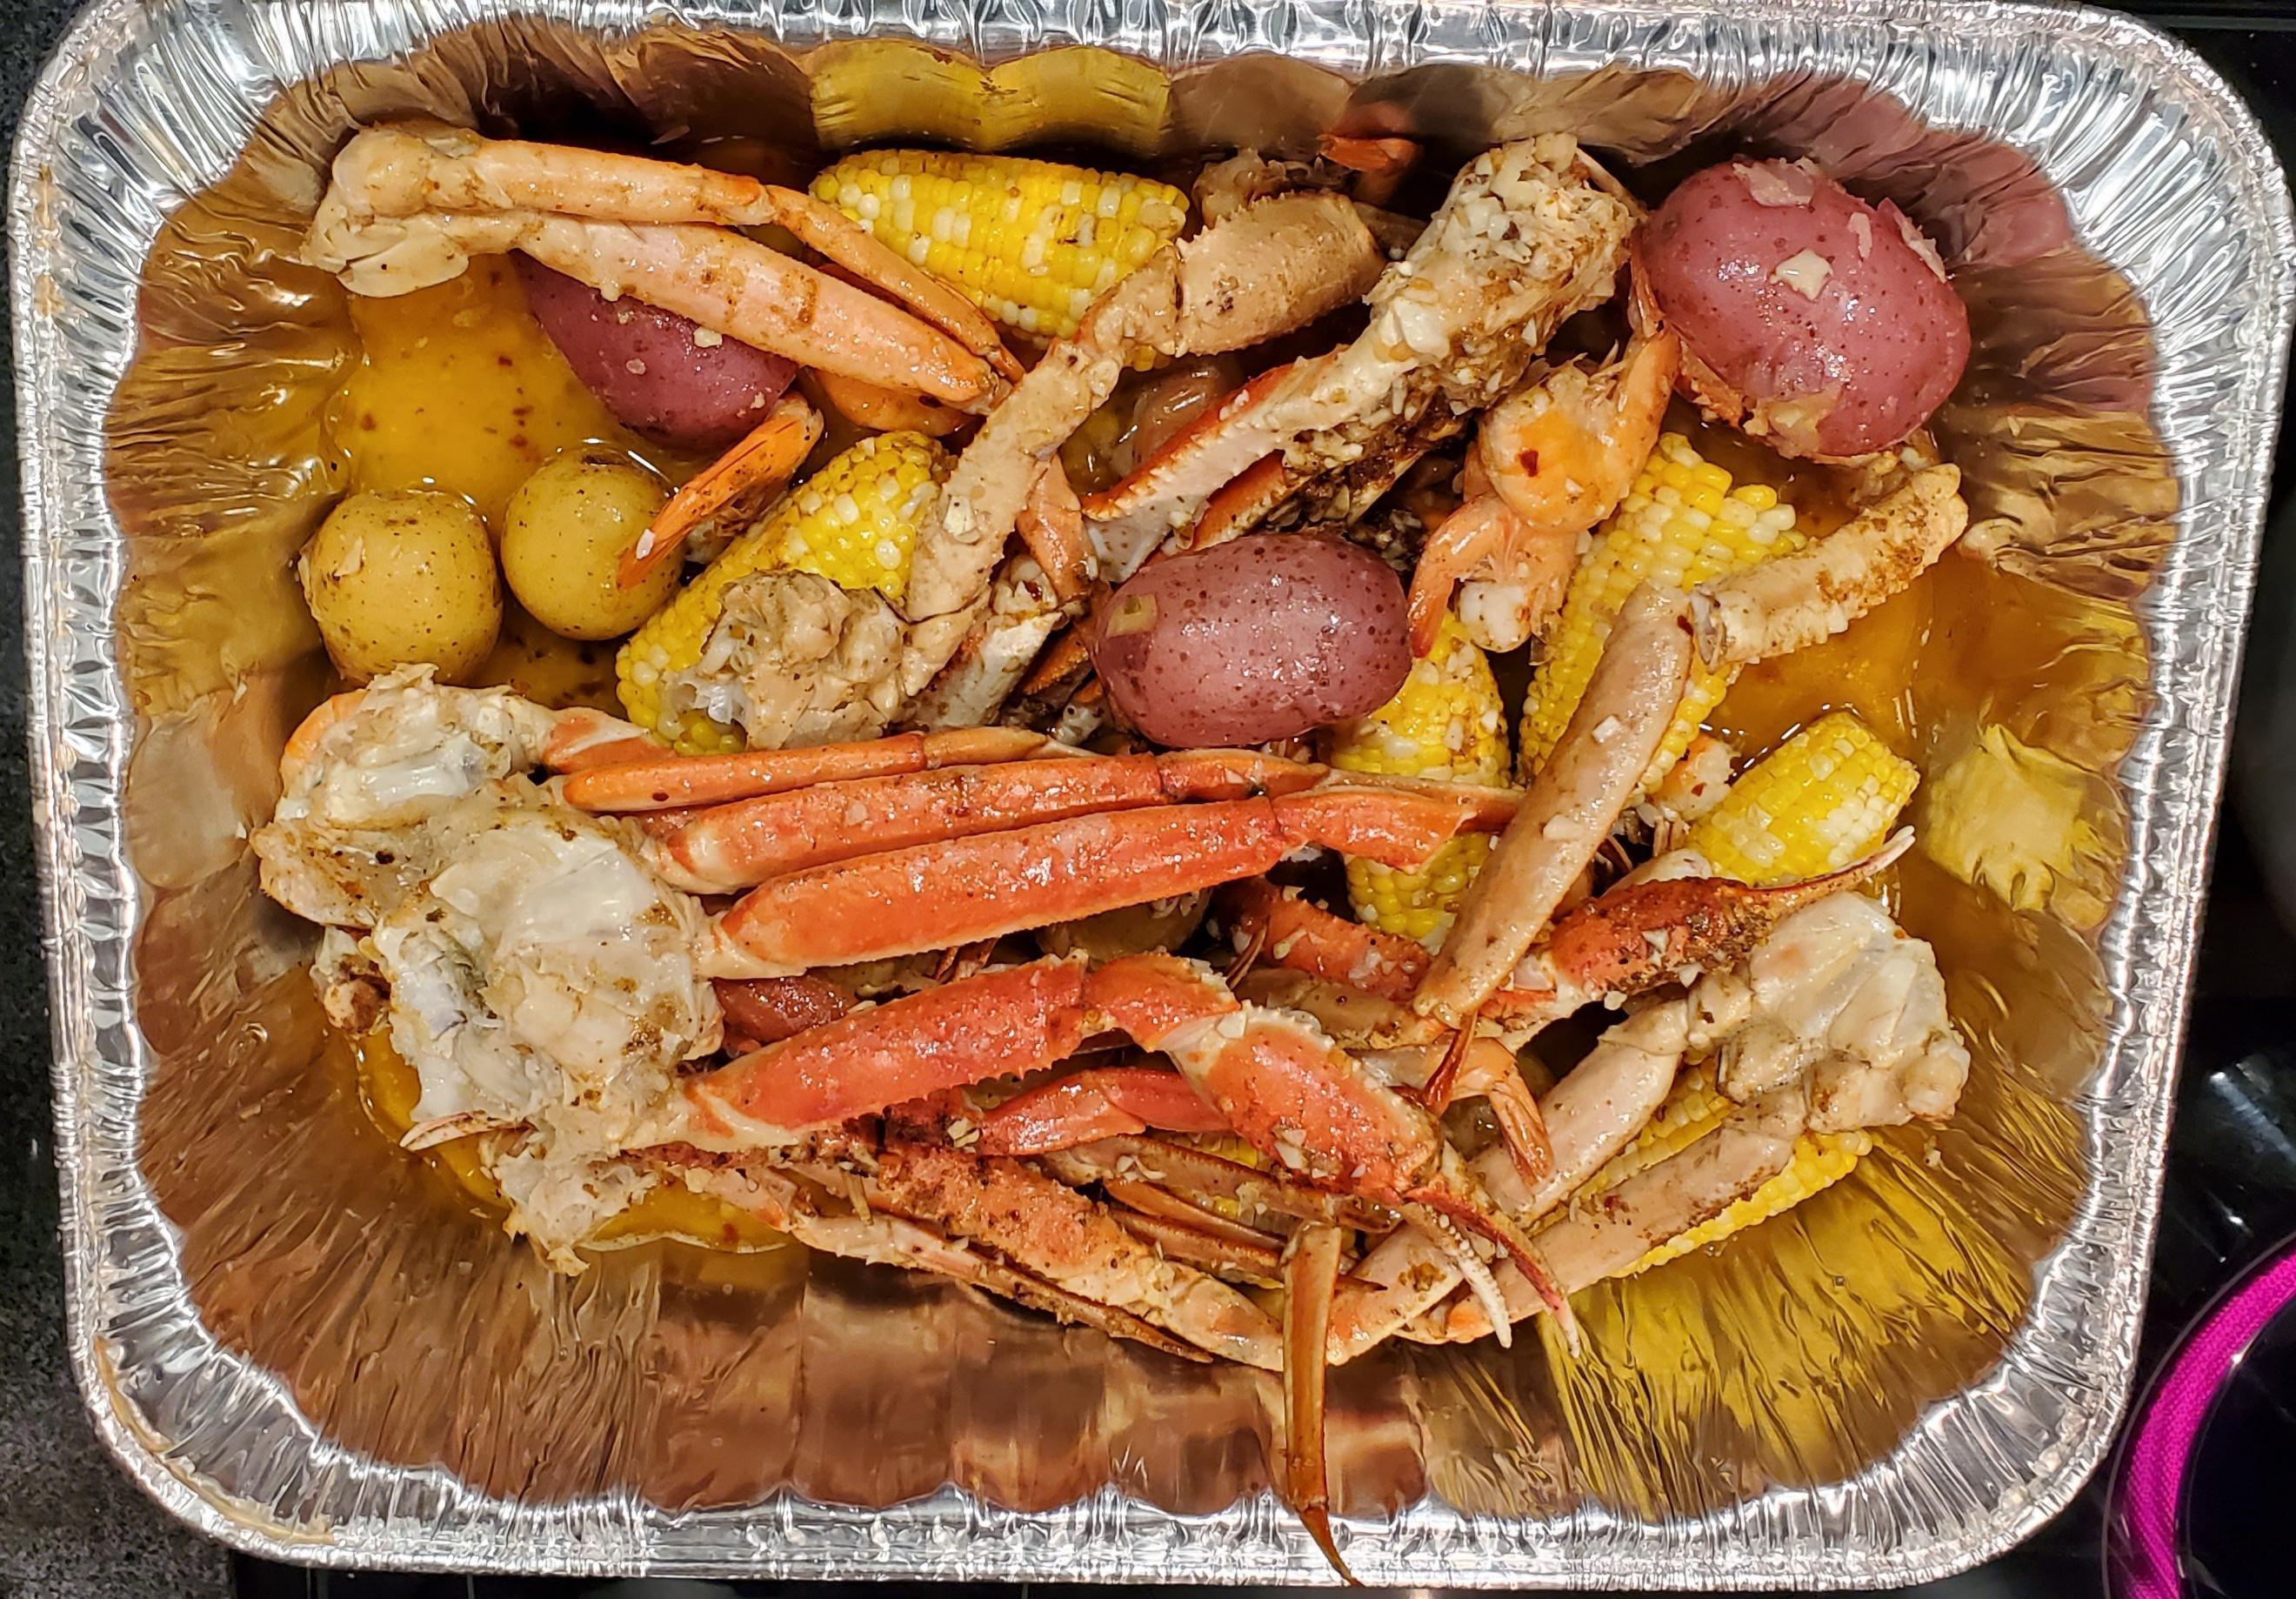 [Homemade] Cajun seafood boil #food #foods #seafoodboil